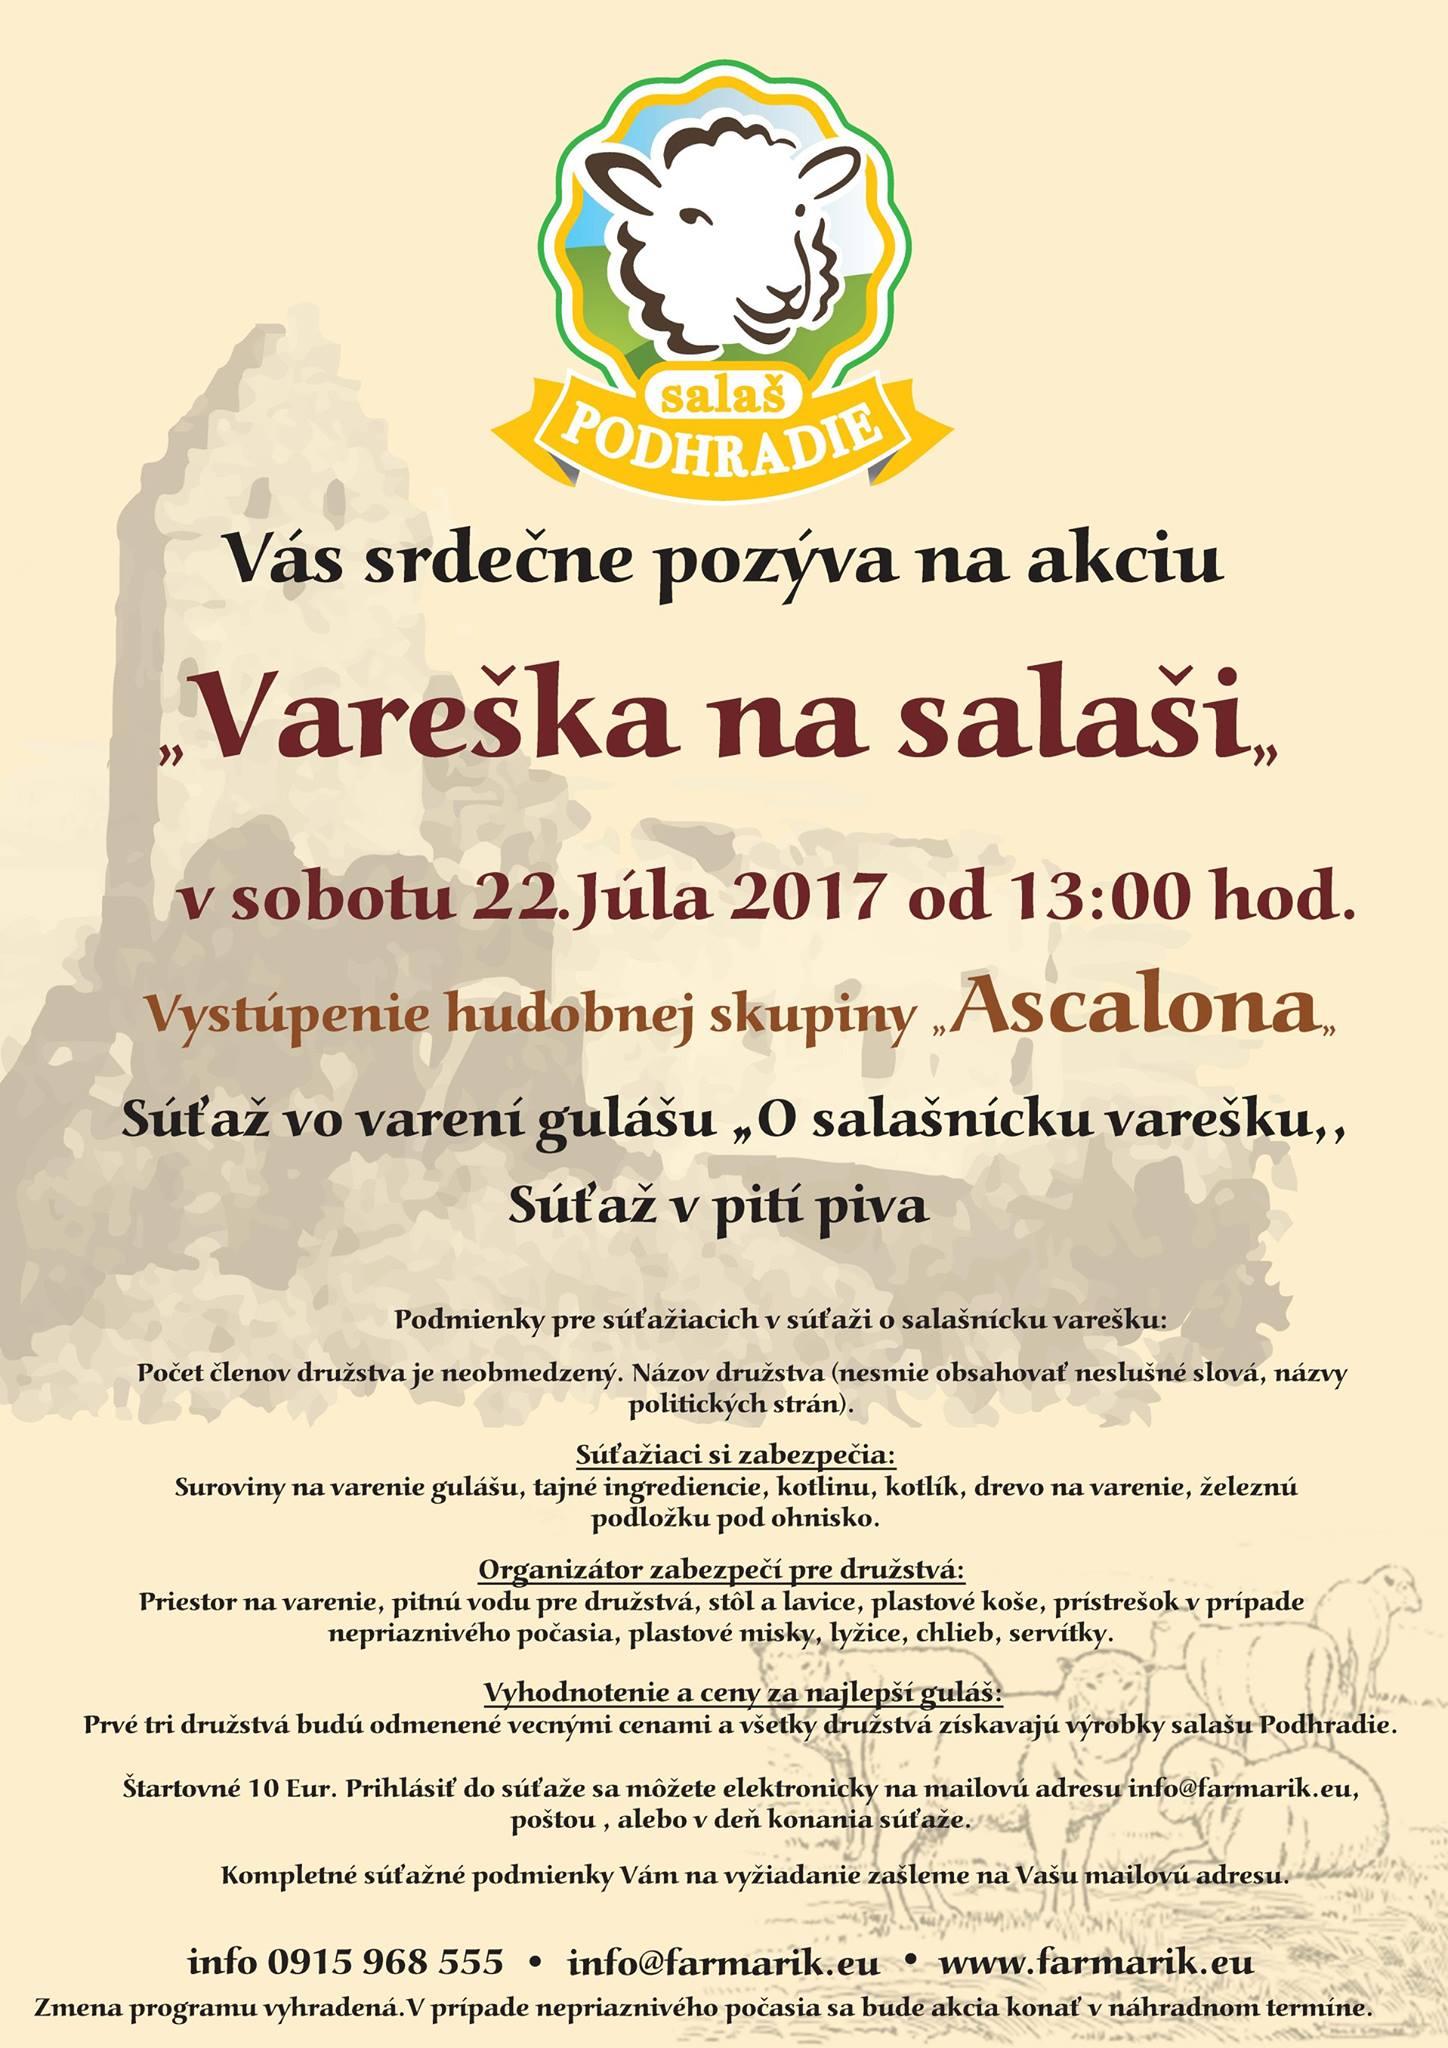 Vareška na salaši - Katalóg firiem  4b49afa76f8